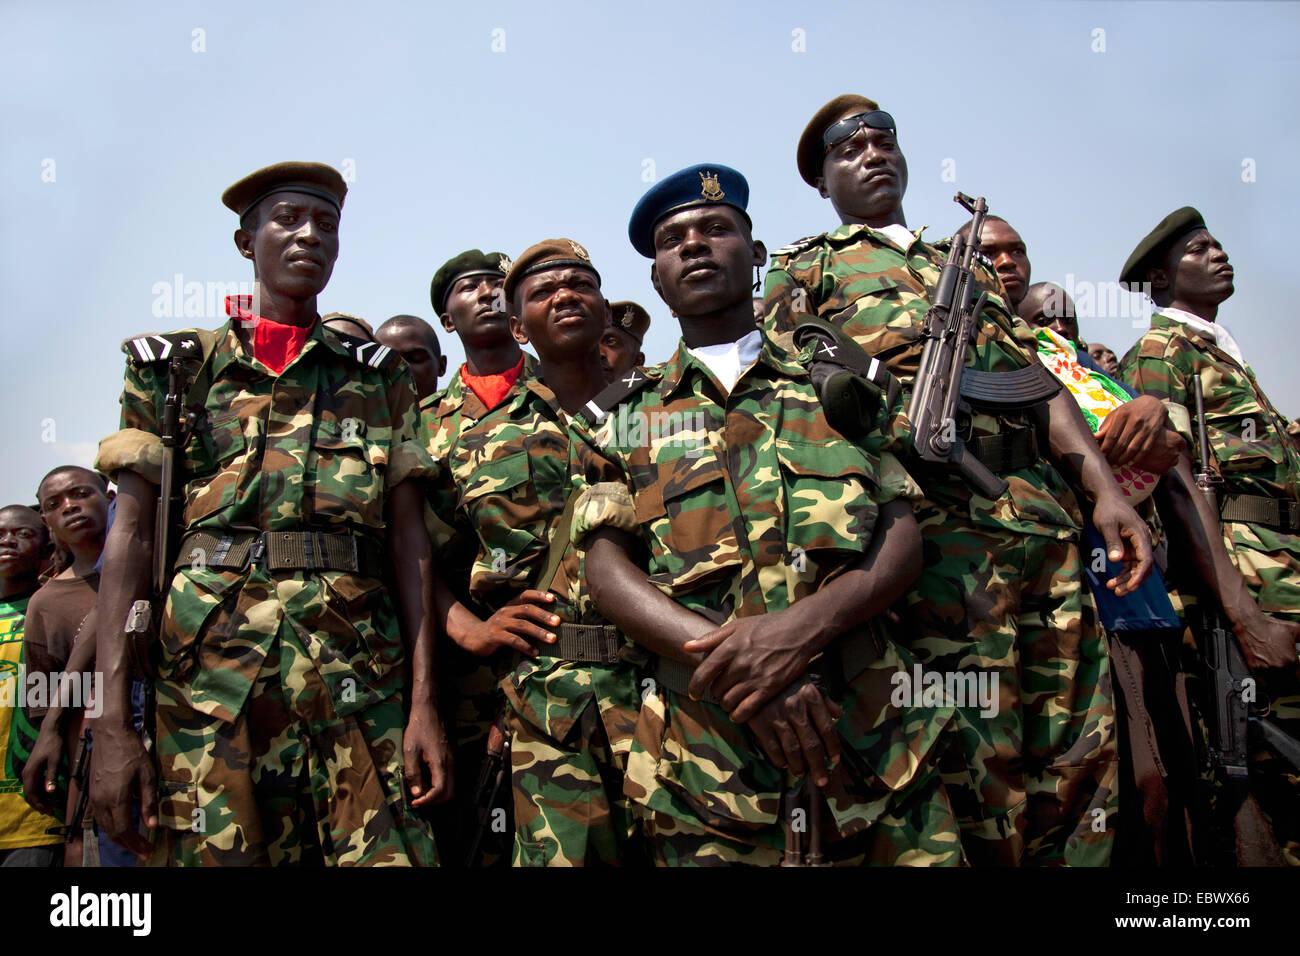 military parade at Independence Day (Juli 1), Burundi, Bujumbura Marie, Bujumbura - Stock Image